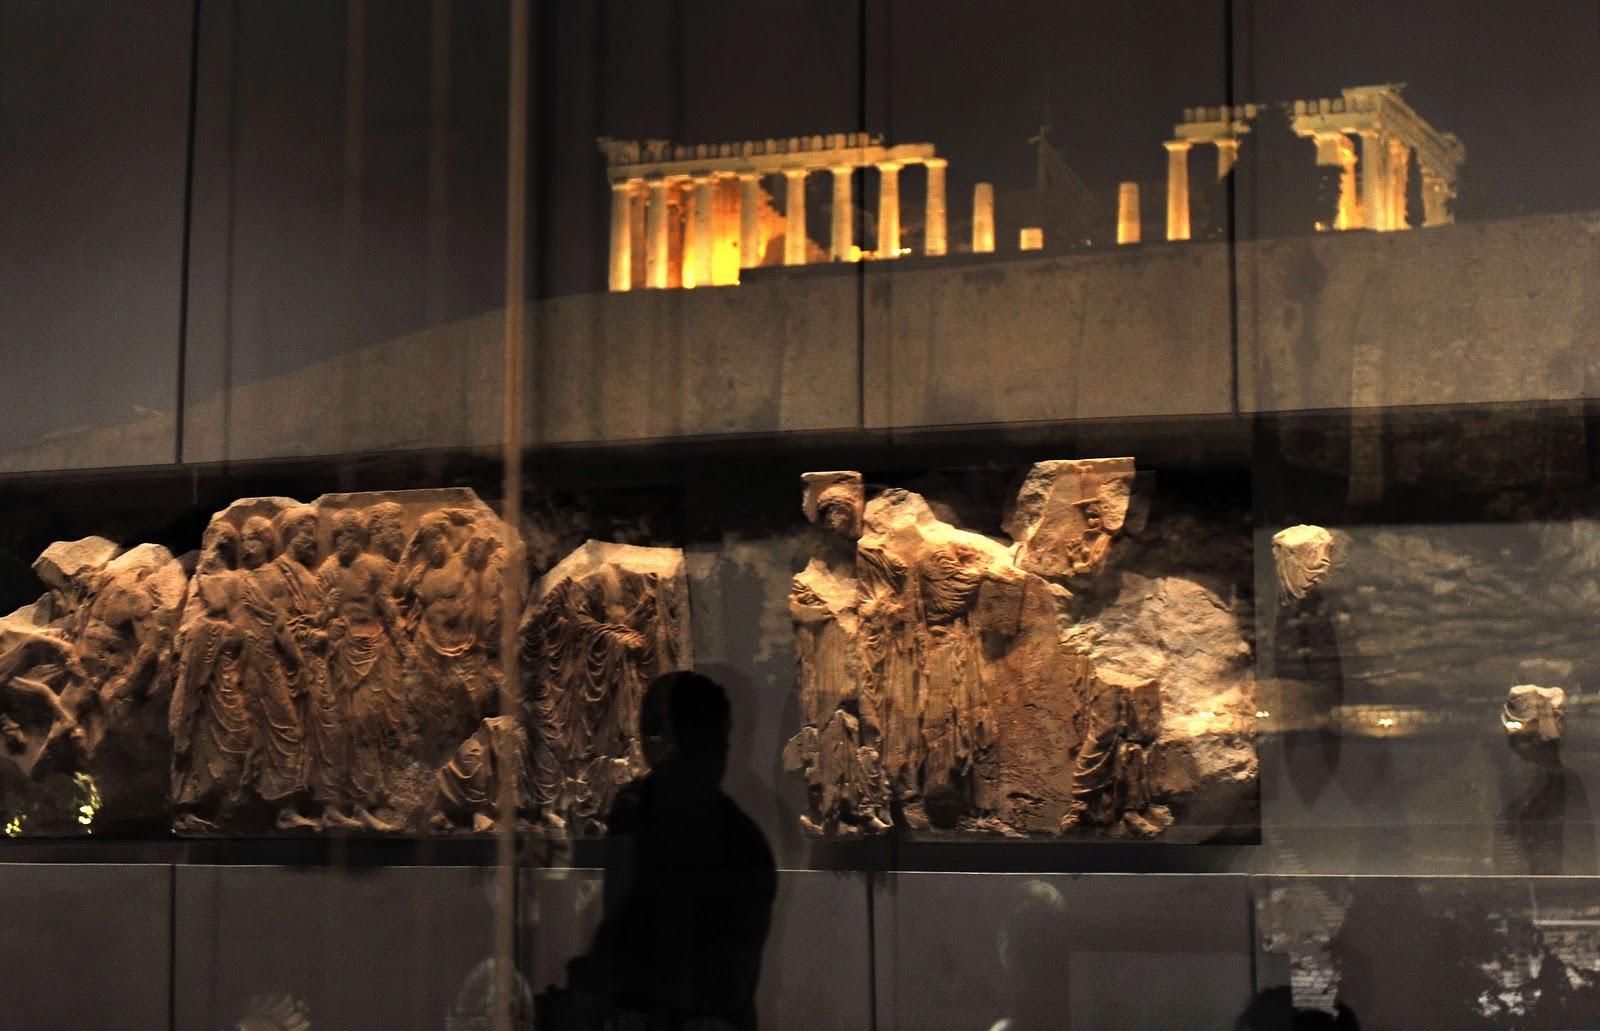 Δωρεάν επισκέψεις στα μουσεία όλης της Ελλάδας